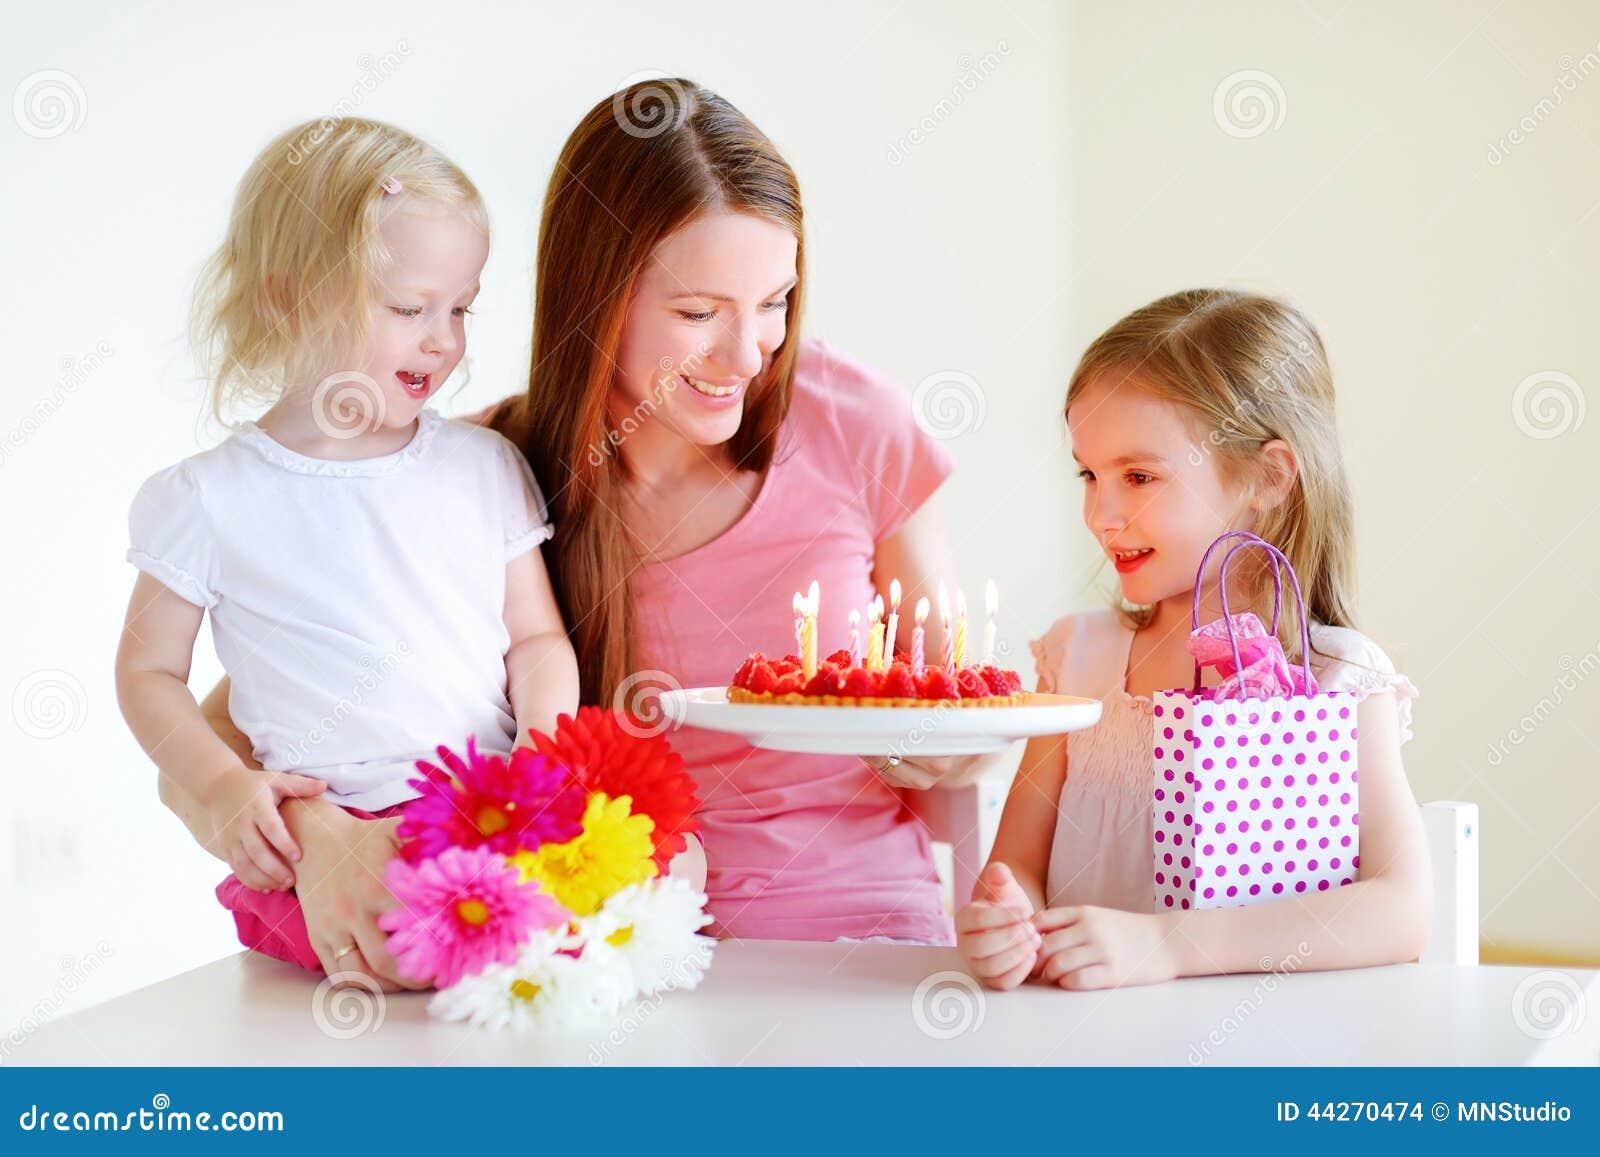 Mommy s birthday